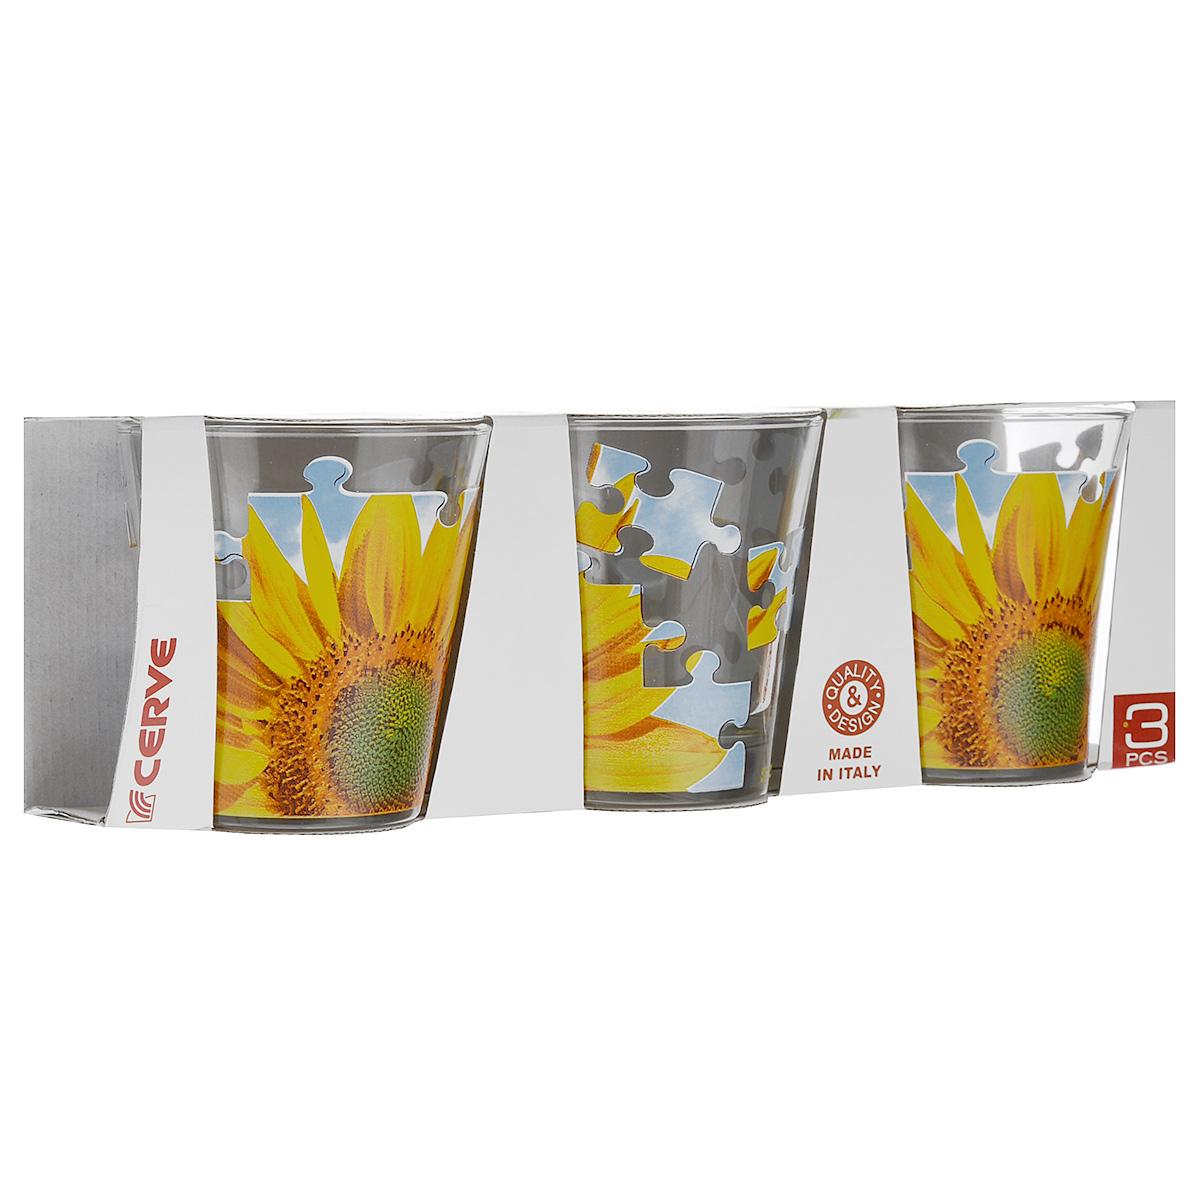 Набор стаканов Cerve Пазл Подсолнух, 250 мл, 3 штCEM42190Набор Cerve Пазл Подсолнух состоит из 3 стаканов, изготовленных из высококачественного стекла. Изделия оформлены изображениями подсолнухов. Такой набор идеально подойдет для сервировки стола и станет отличным подарком к любому празднику. Разрешается мыть в посудомоечной машине. Диаметр стакана (по верхнему краю): 8,5 см. Высота стакана: 9 см.